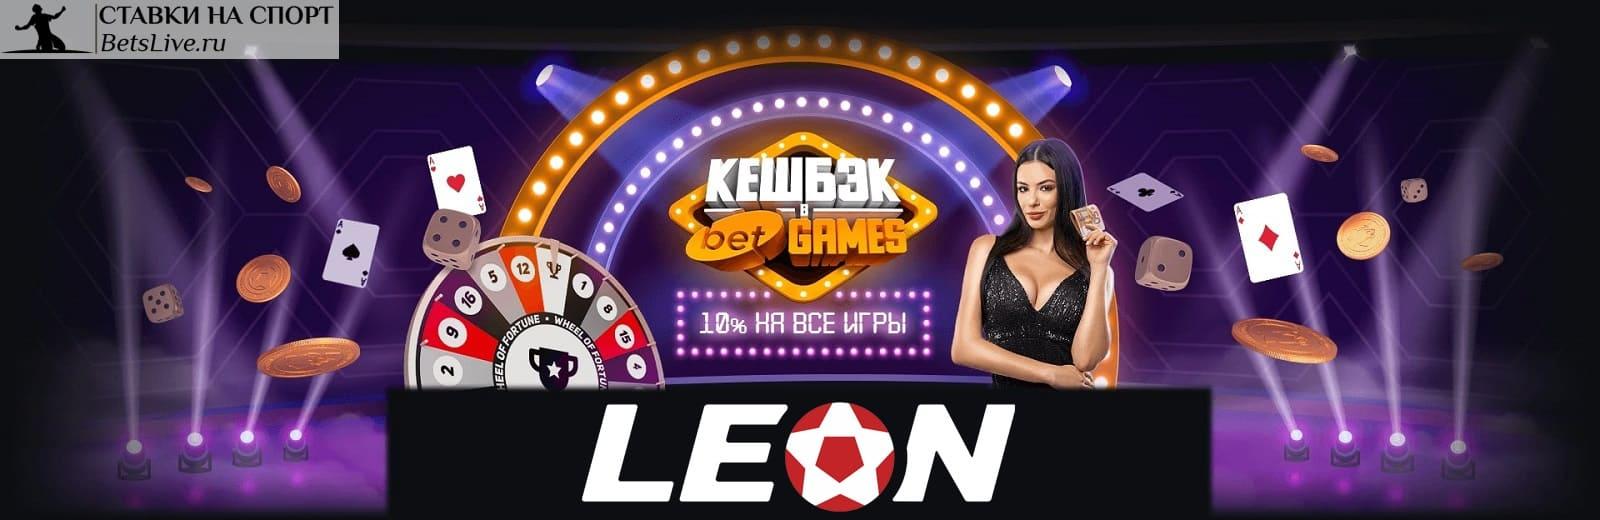 Кешбэк в BetGames акция на БК Leon